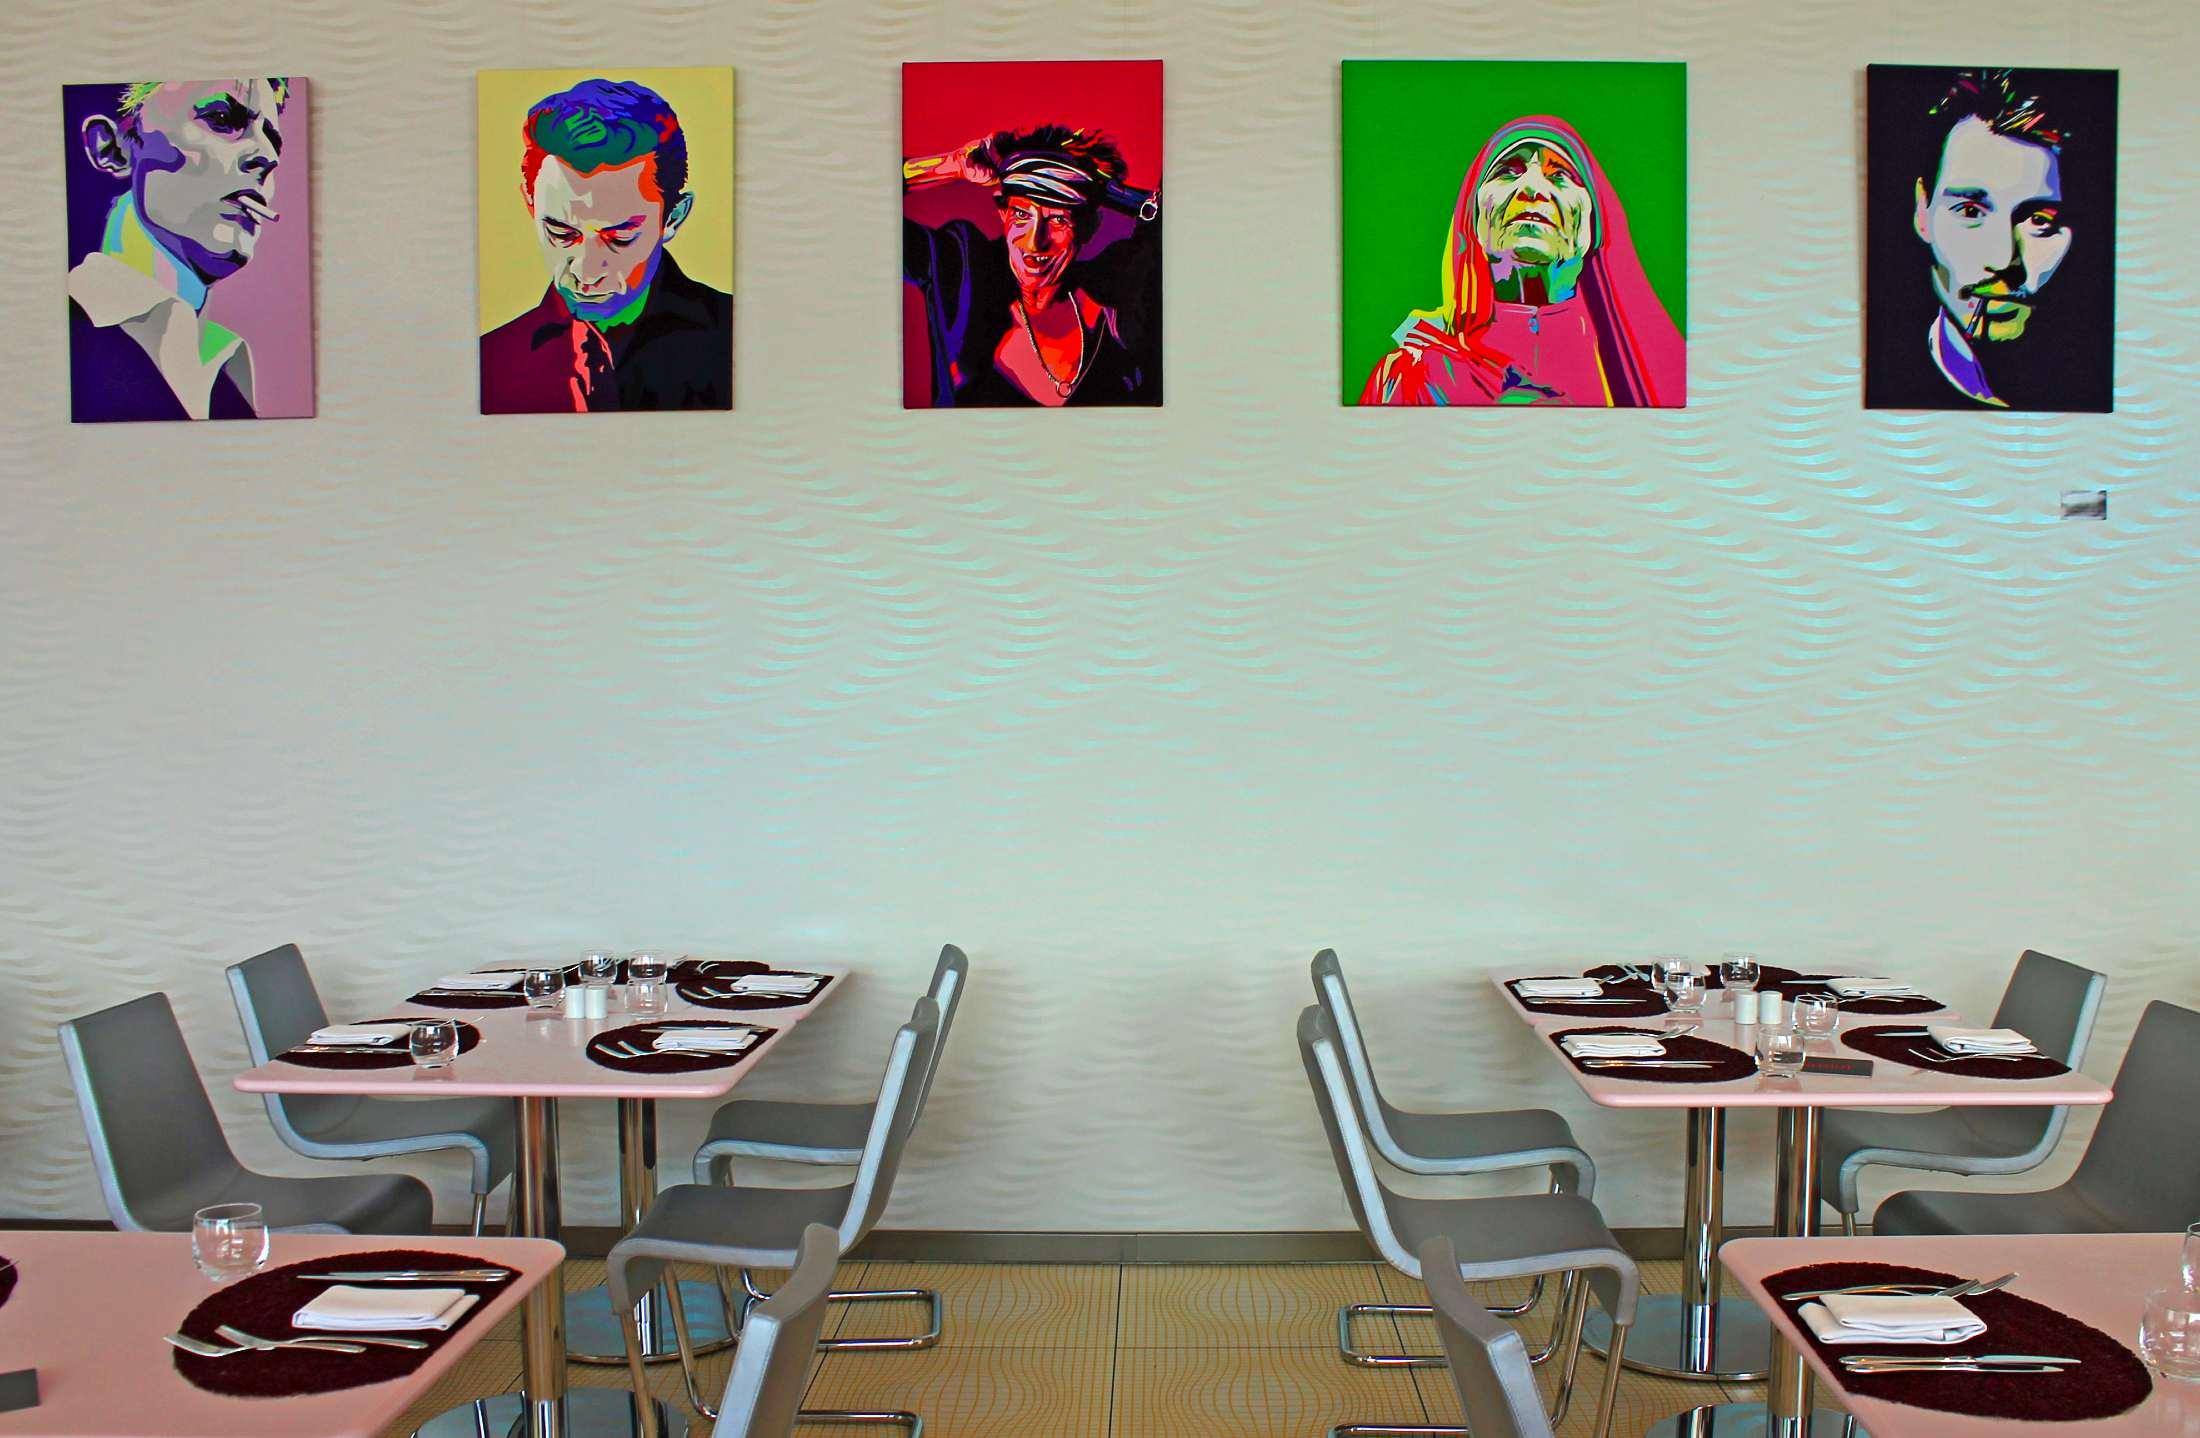 nhow Berlin - Focal Journey by Gustavo Espinola